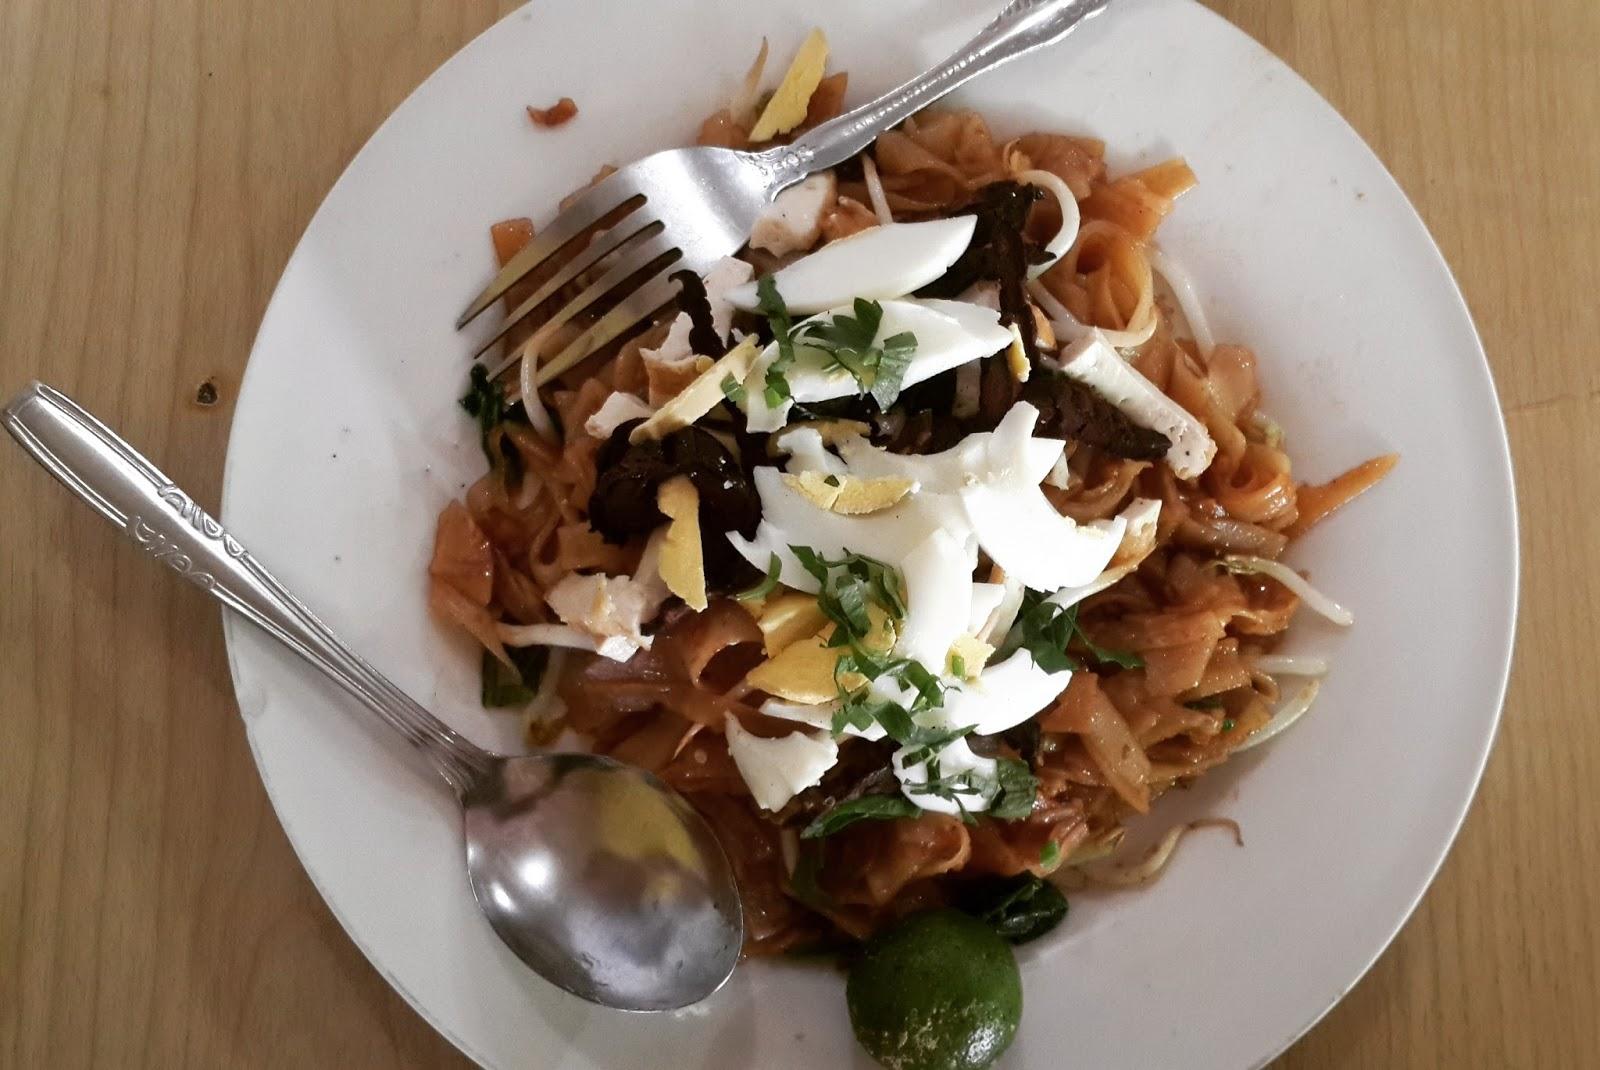 Diet? Ketahui Jumlah Kalori 10 Kuliner Indonesia Terpopuler